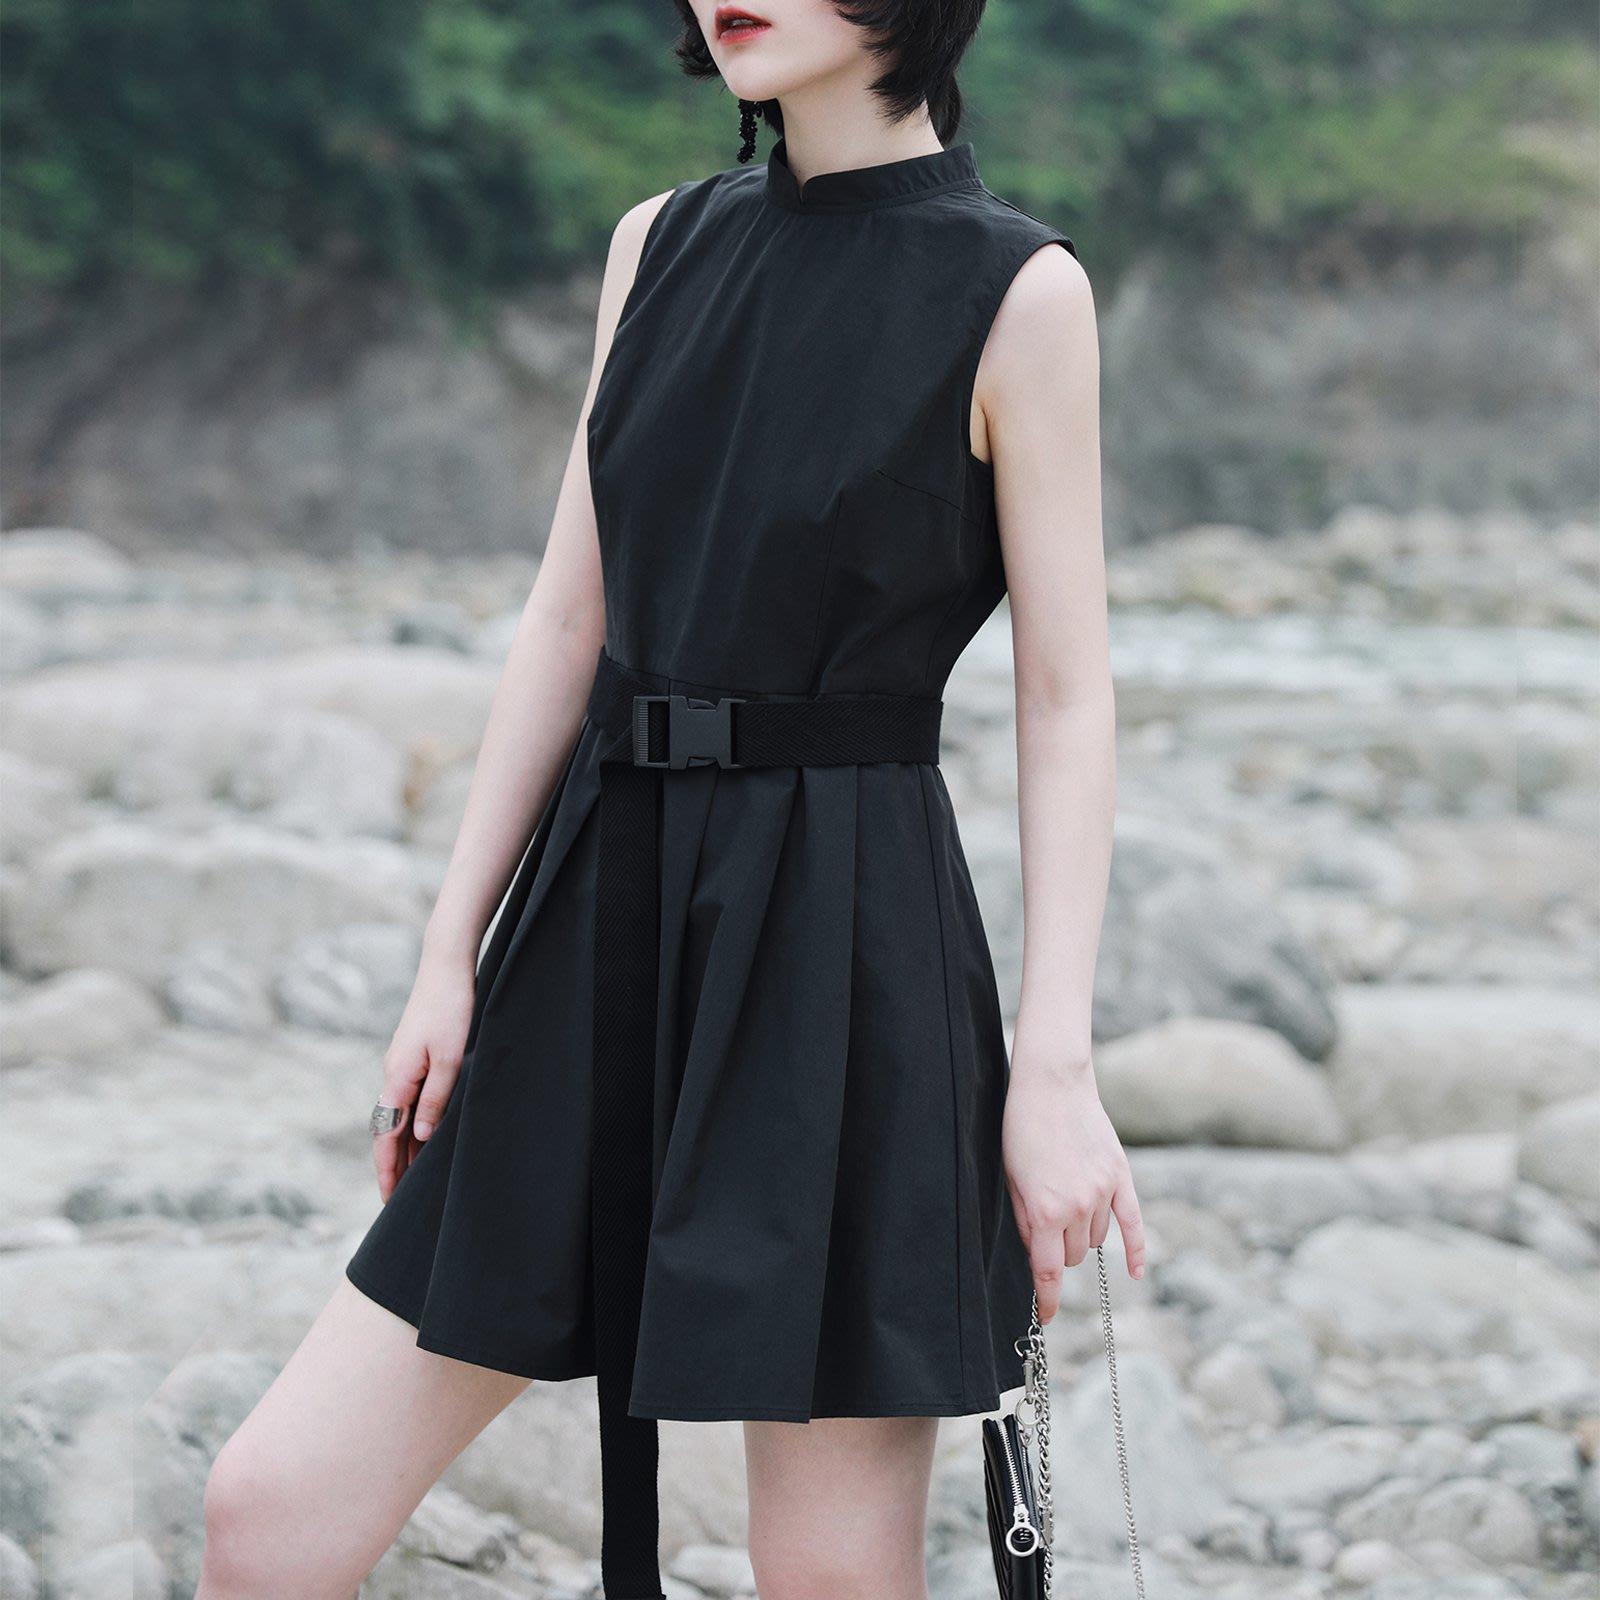 ||一品著衣|| 冷淡風 復古中式國風改良連身裙小夏立領高腰性感a字裙日系小黑裙